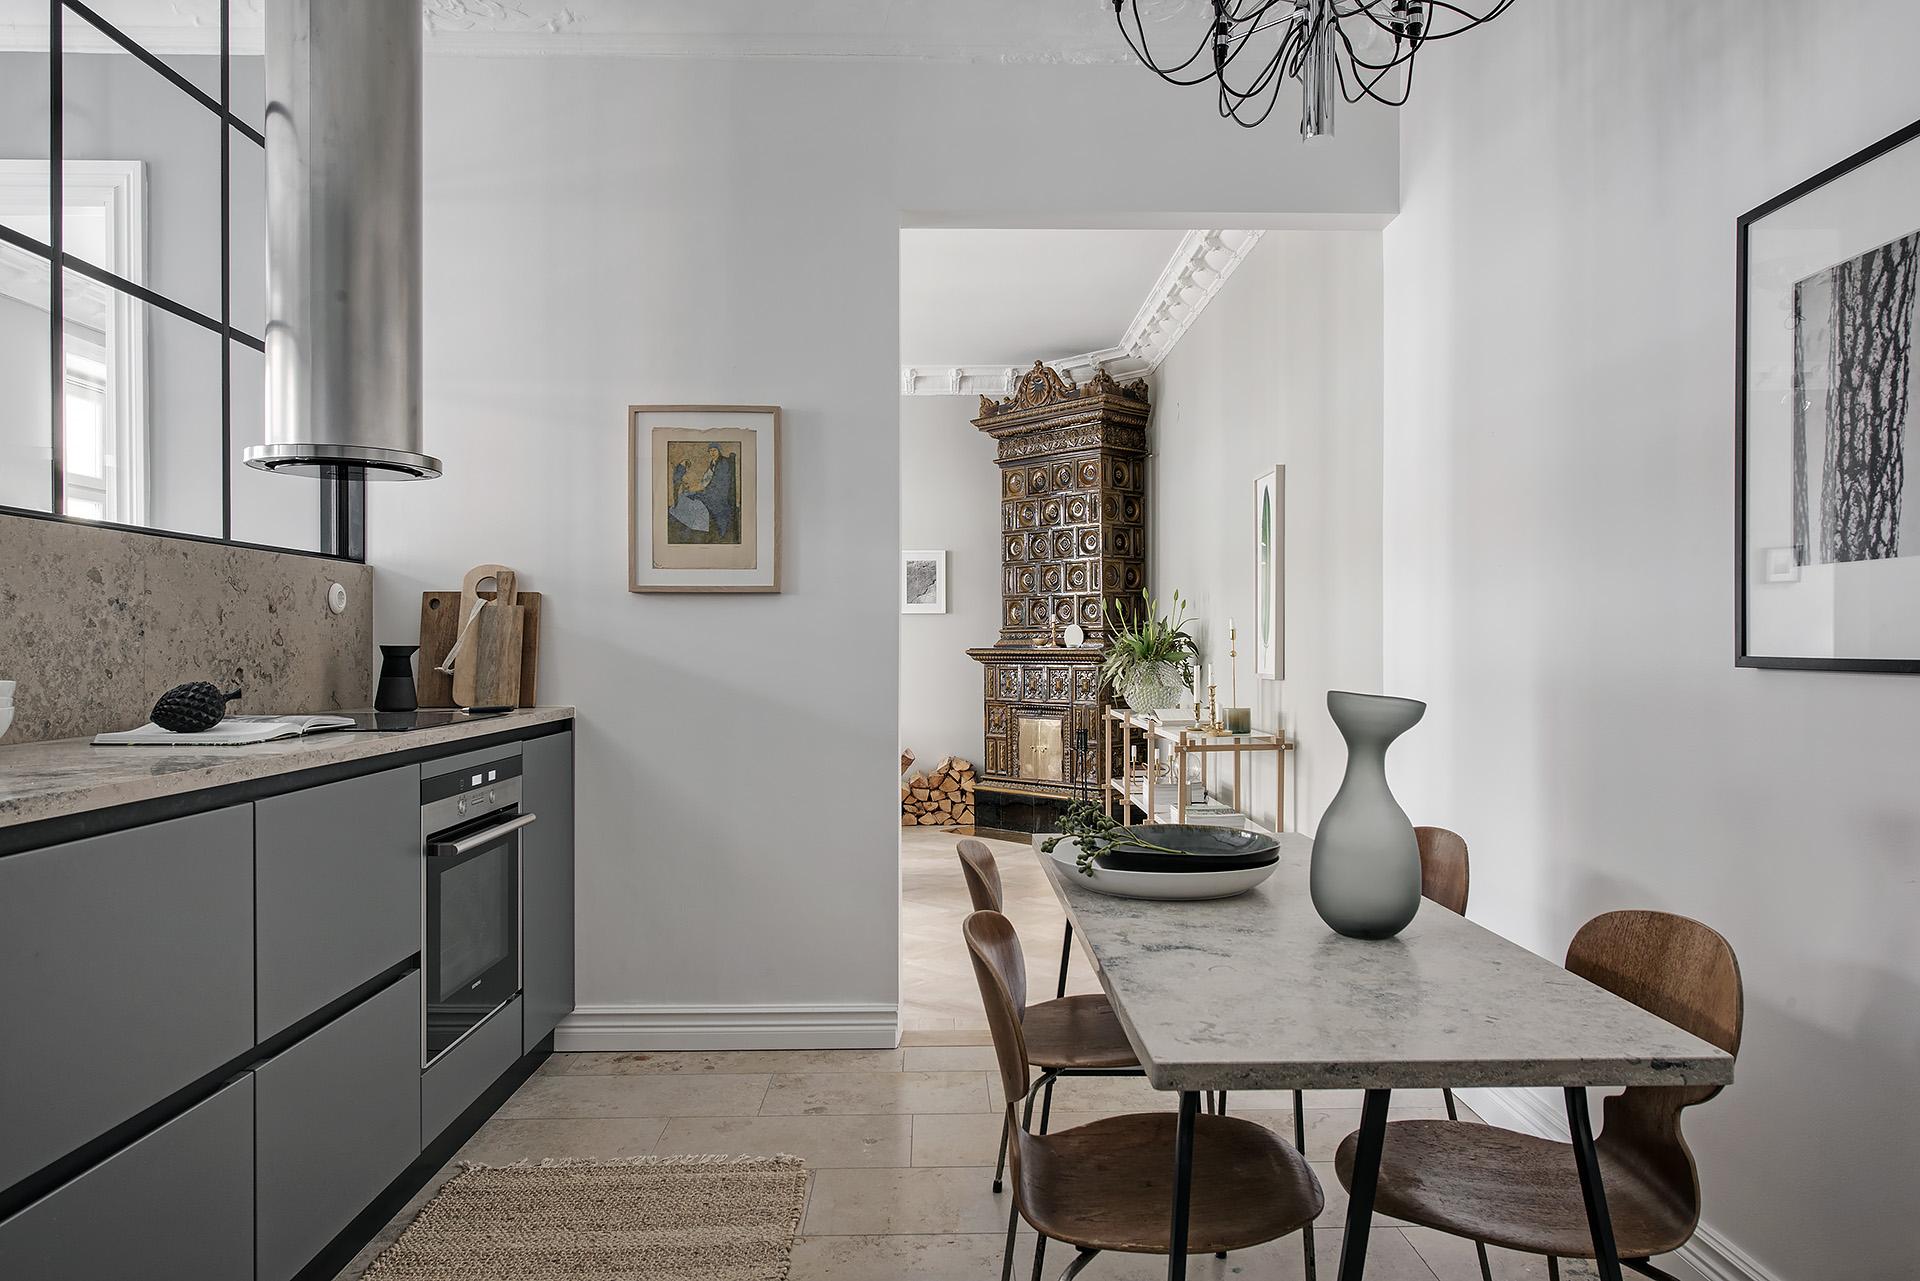 кухня обеденный стол стулья столешница мрамор камень пол плитка